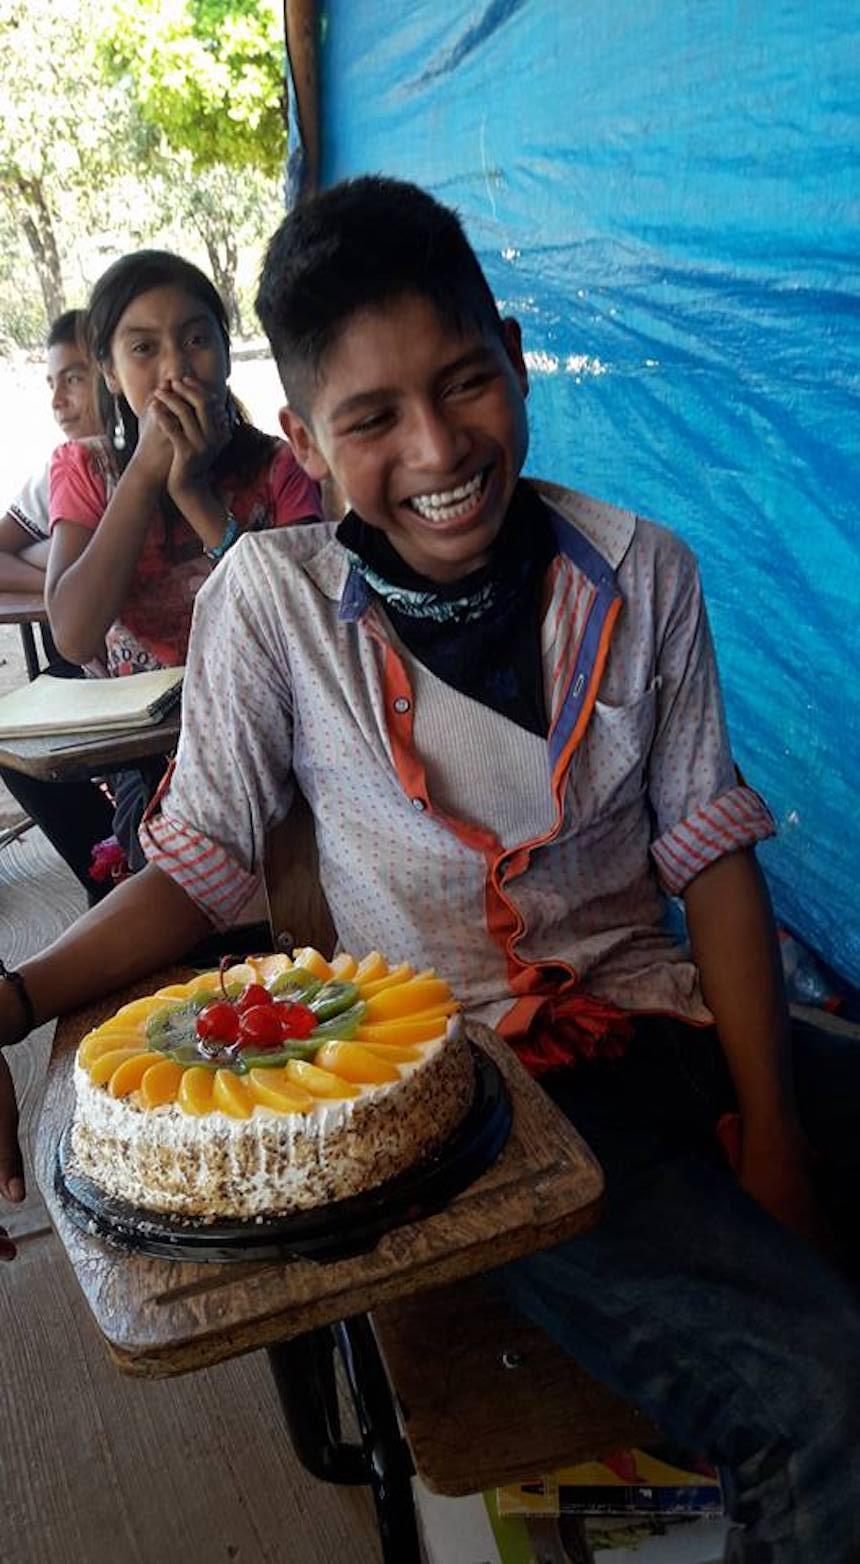 El niño nayarita y su pastel de cumpleaños